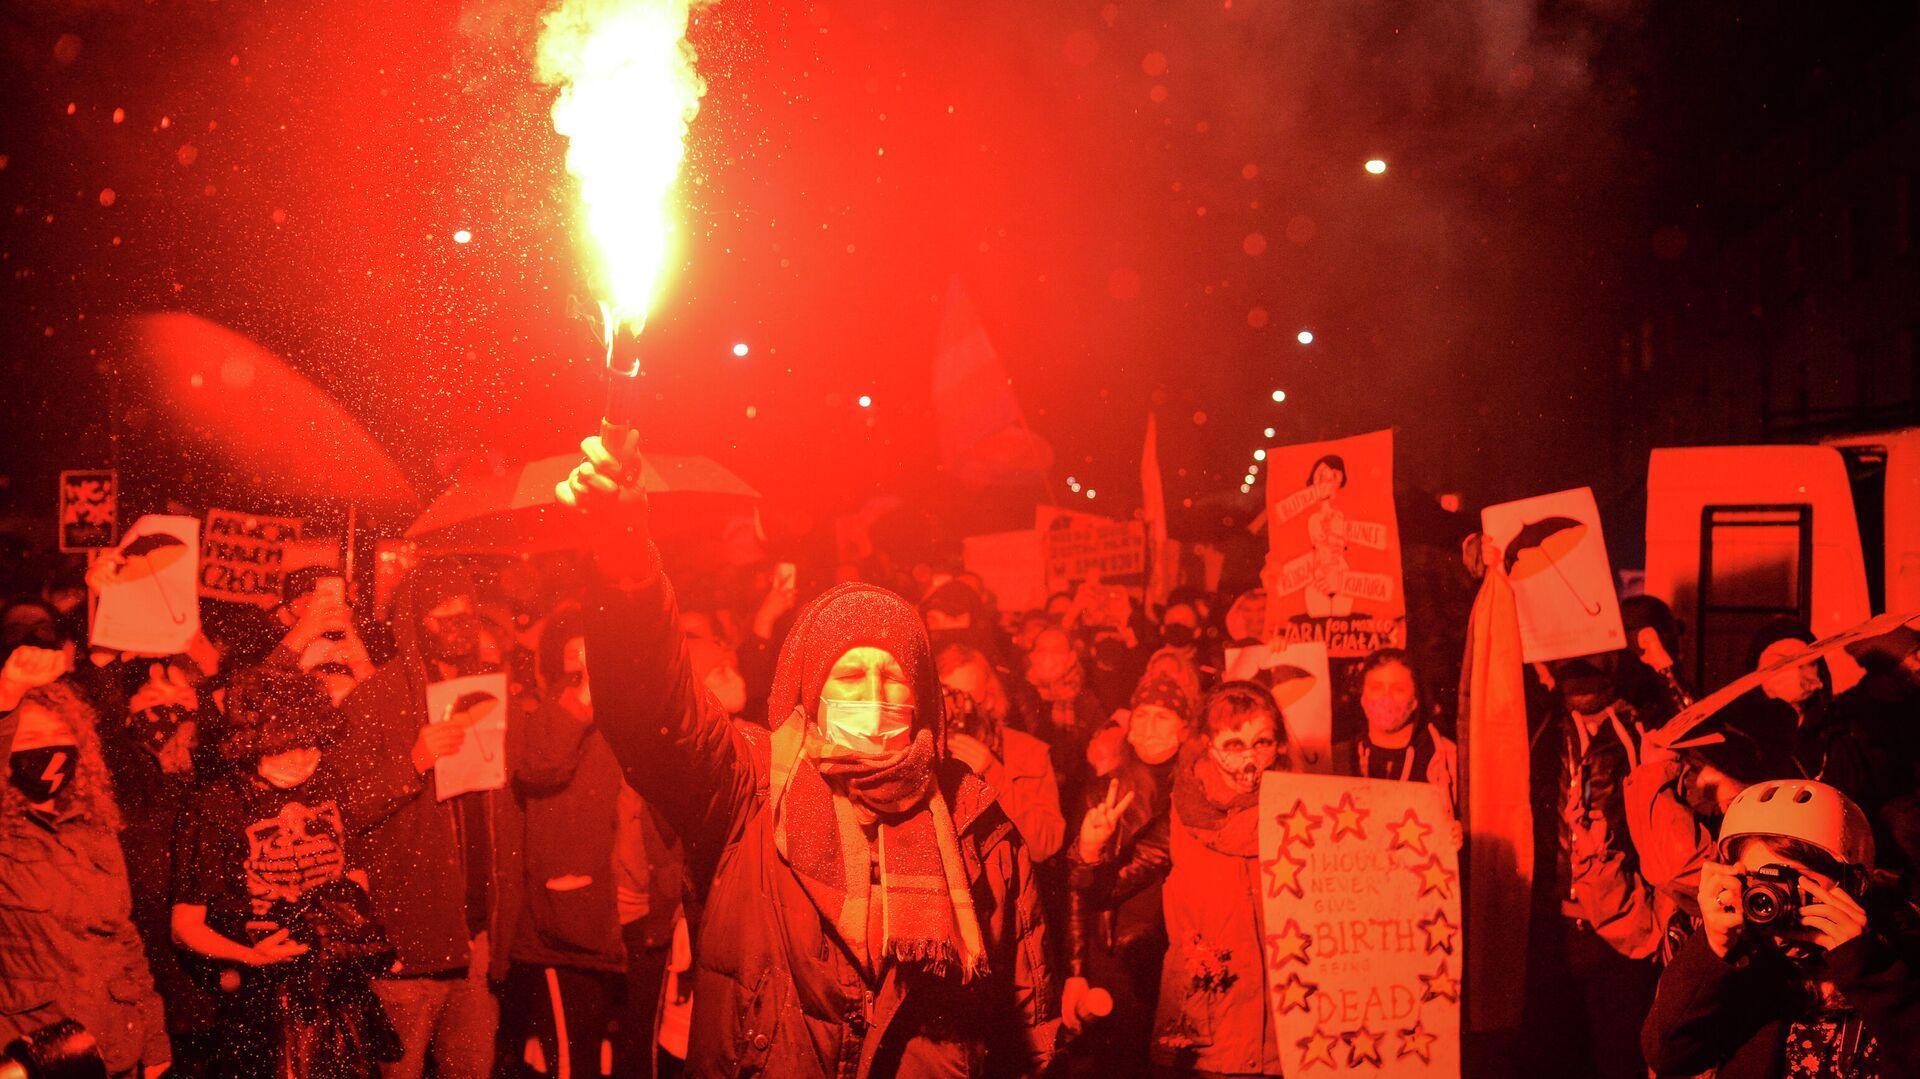 Участники акции протеста, получившей название черная суббота, против ужесточения законодательства об абортах в Польше - РИА Новости, 1920, 27.10.2020